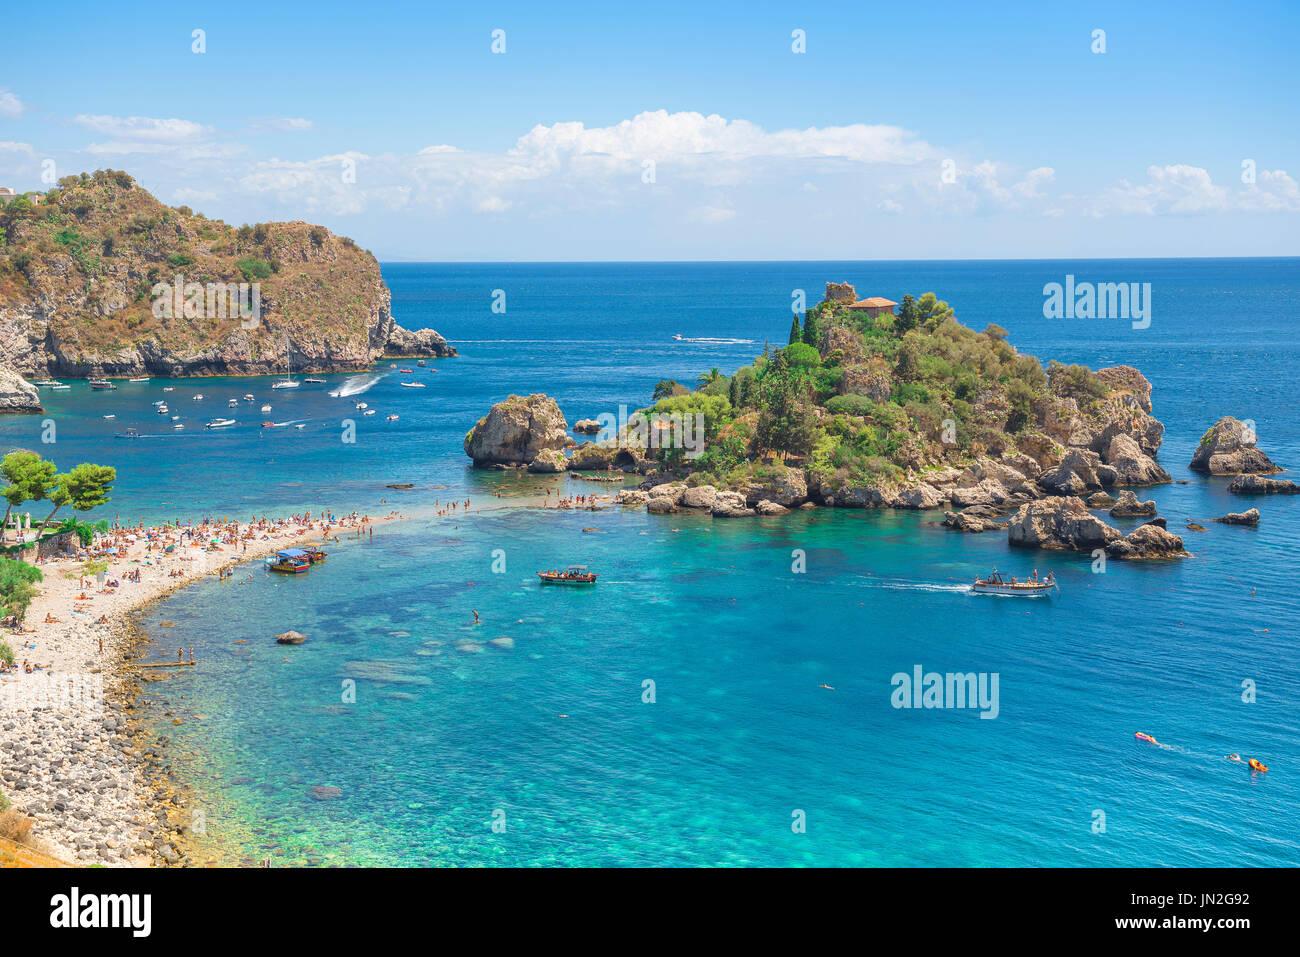 Isola Bella la Sicile, la plage de Mazzarò, près de Taormina, Sicile, montrant la petite île connue sous le nom d'Isola Bella - belle île. Photo Stock